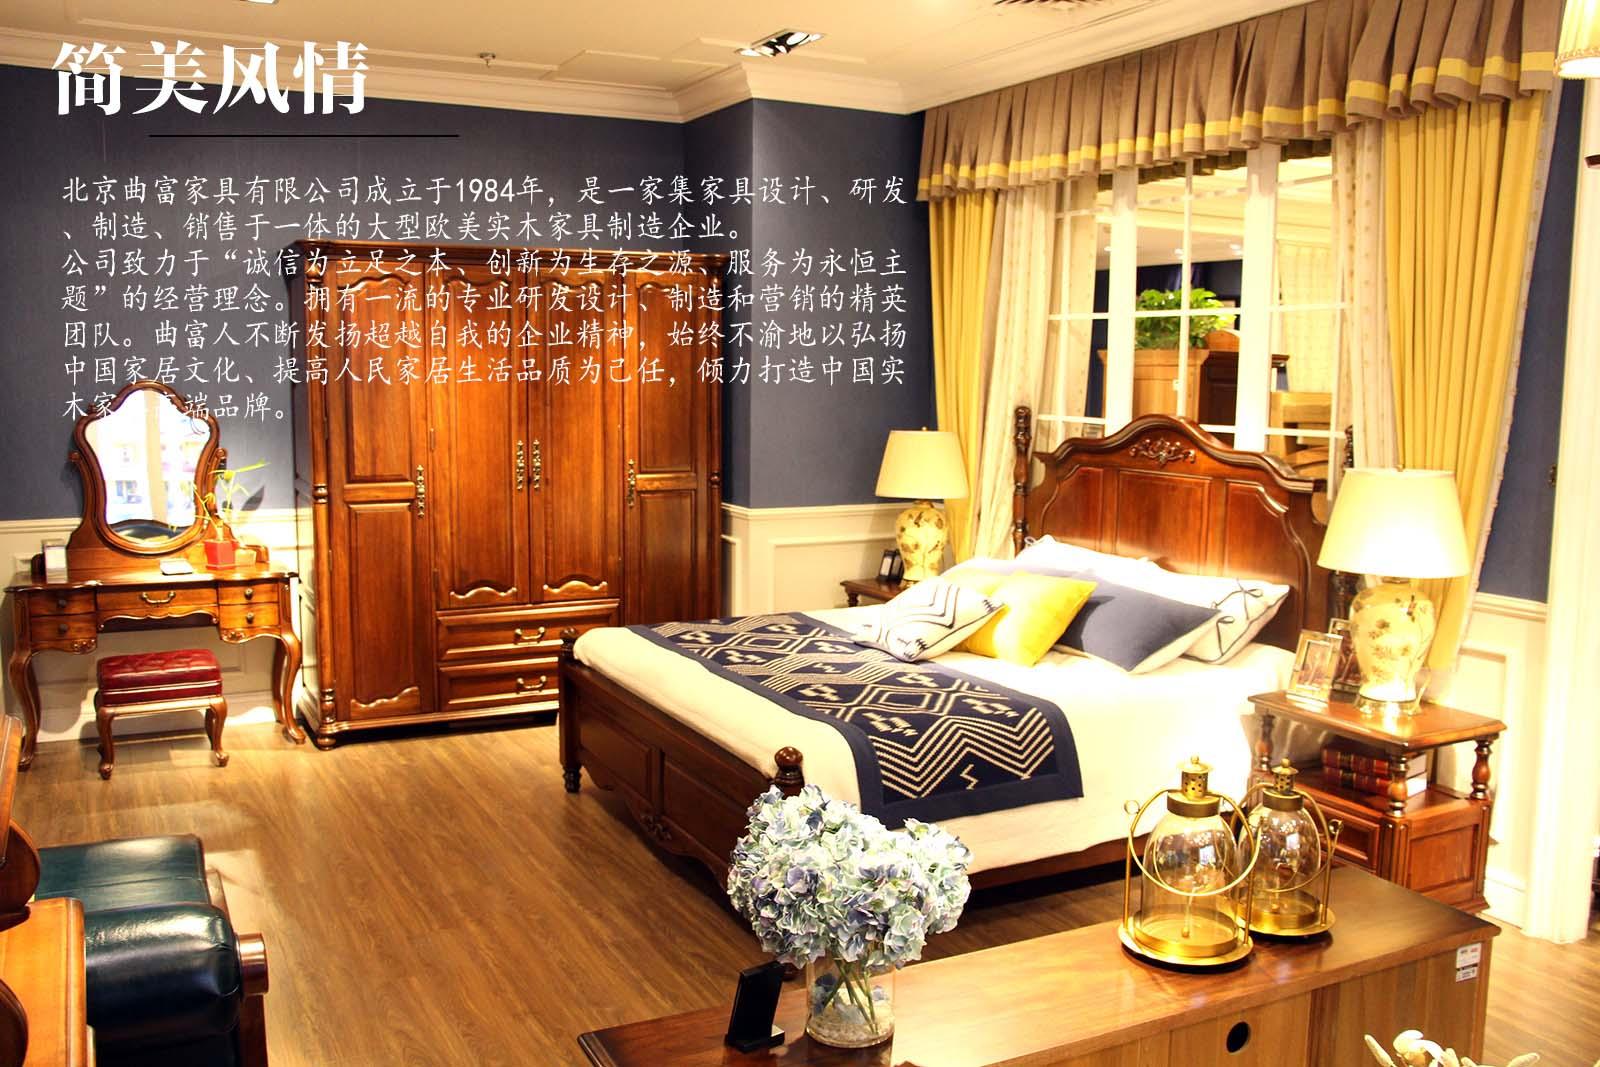 美式风格时尚家具 打造浪漫完美的家居生活